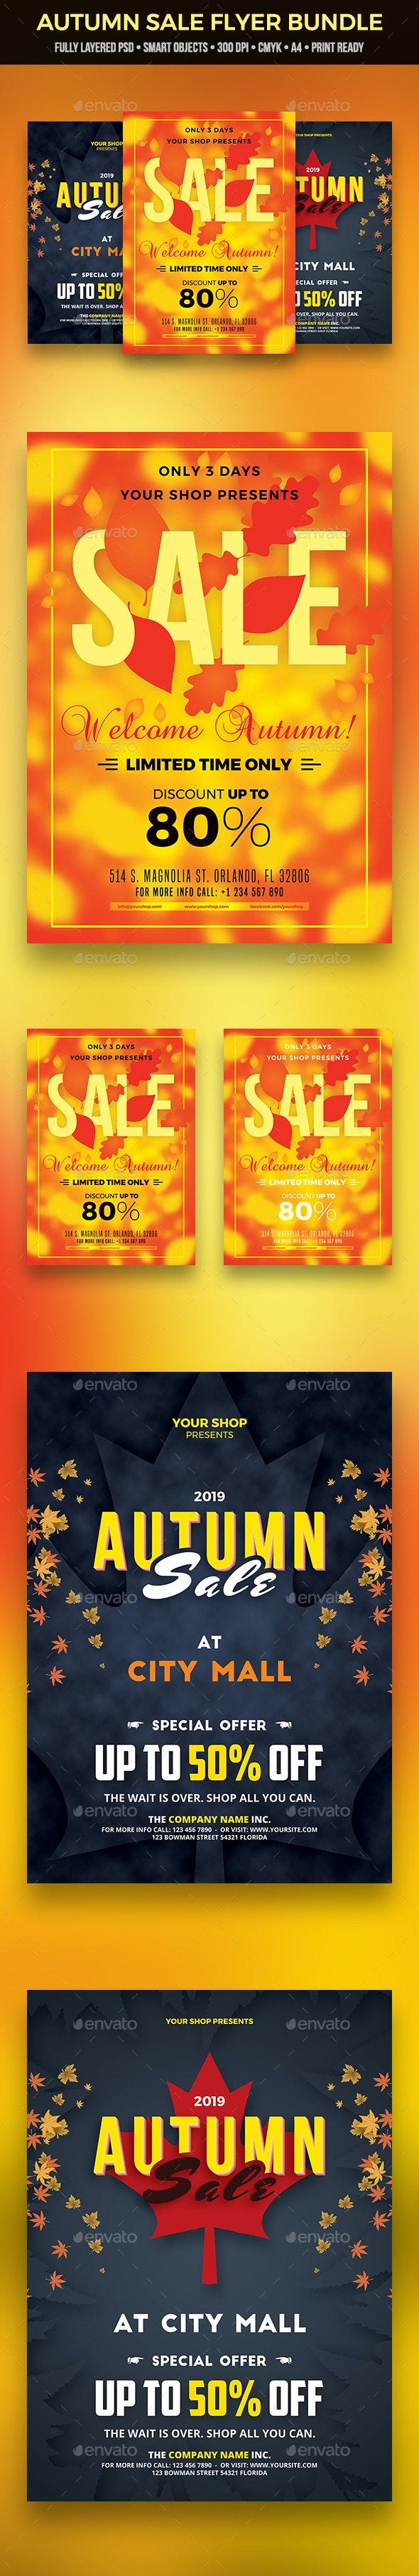 Autumn Sale Flyer Bundle - Commerce Flyers